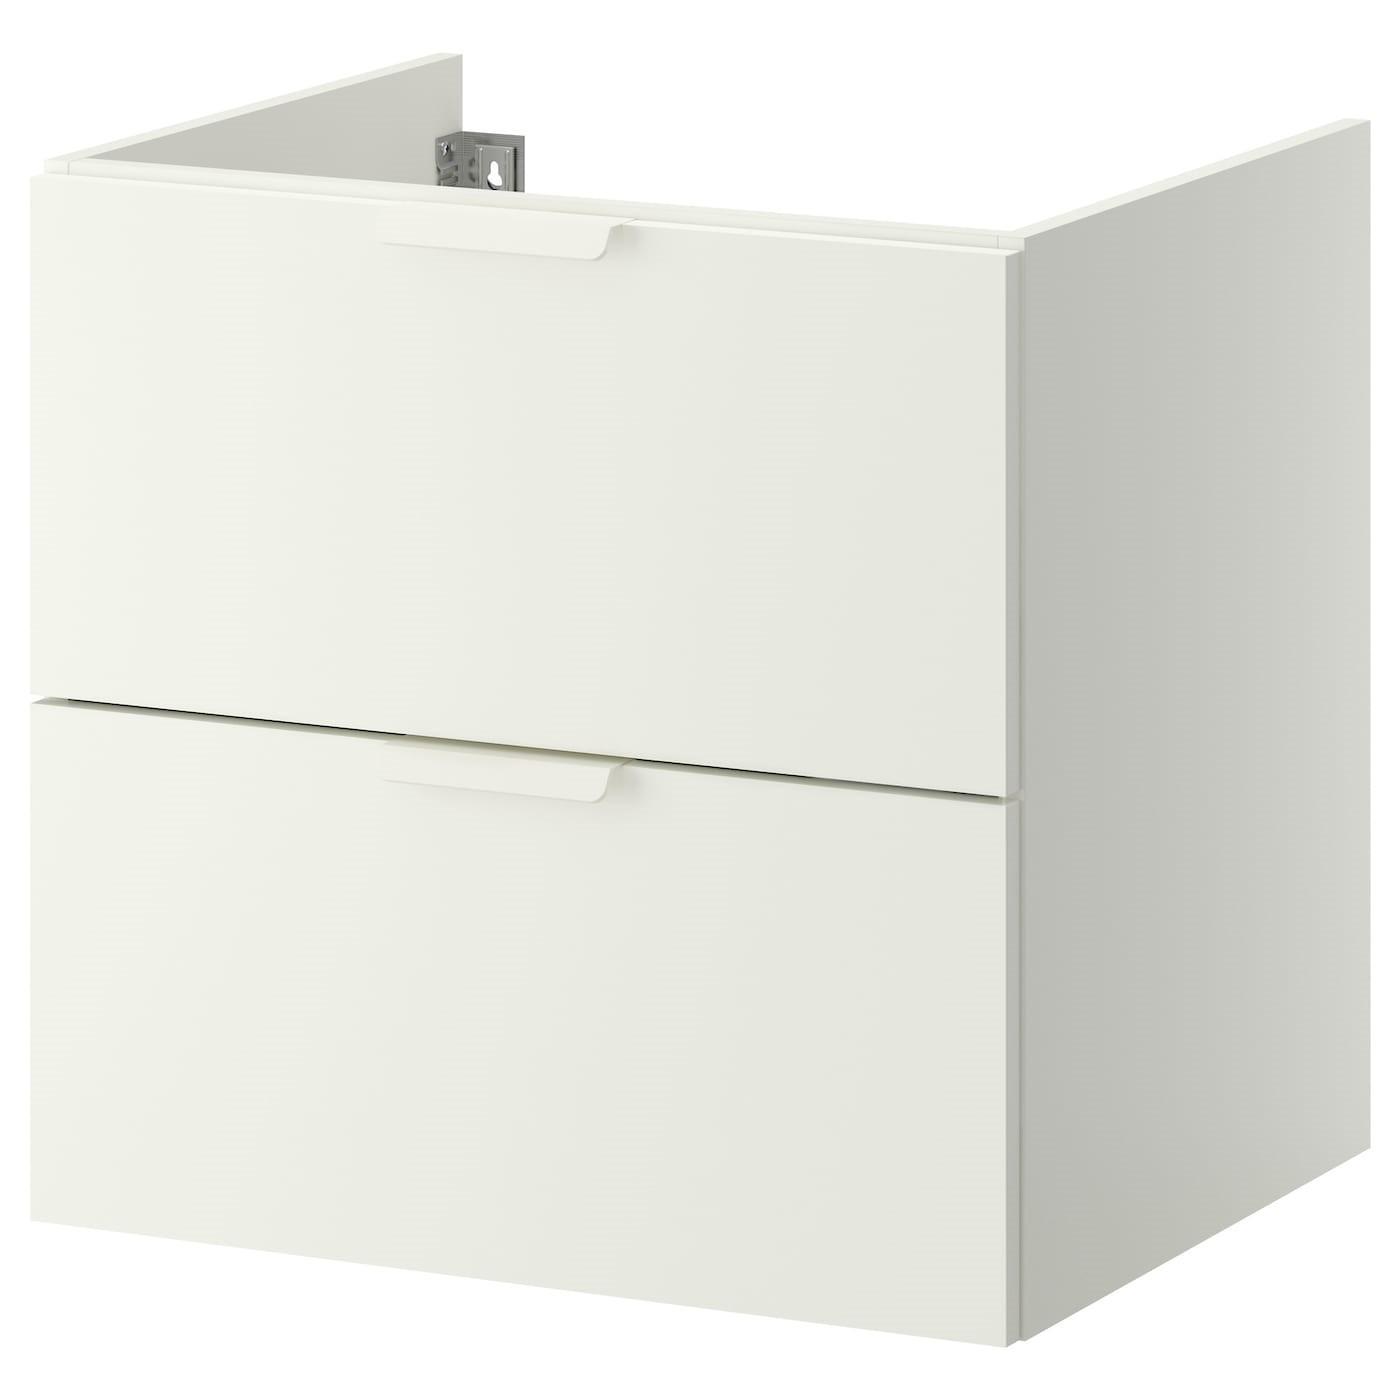 IKEA GODMORGON шкаф для раковины с 2 ящ белый 60x47x58 см 402.811.02